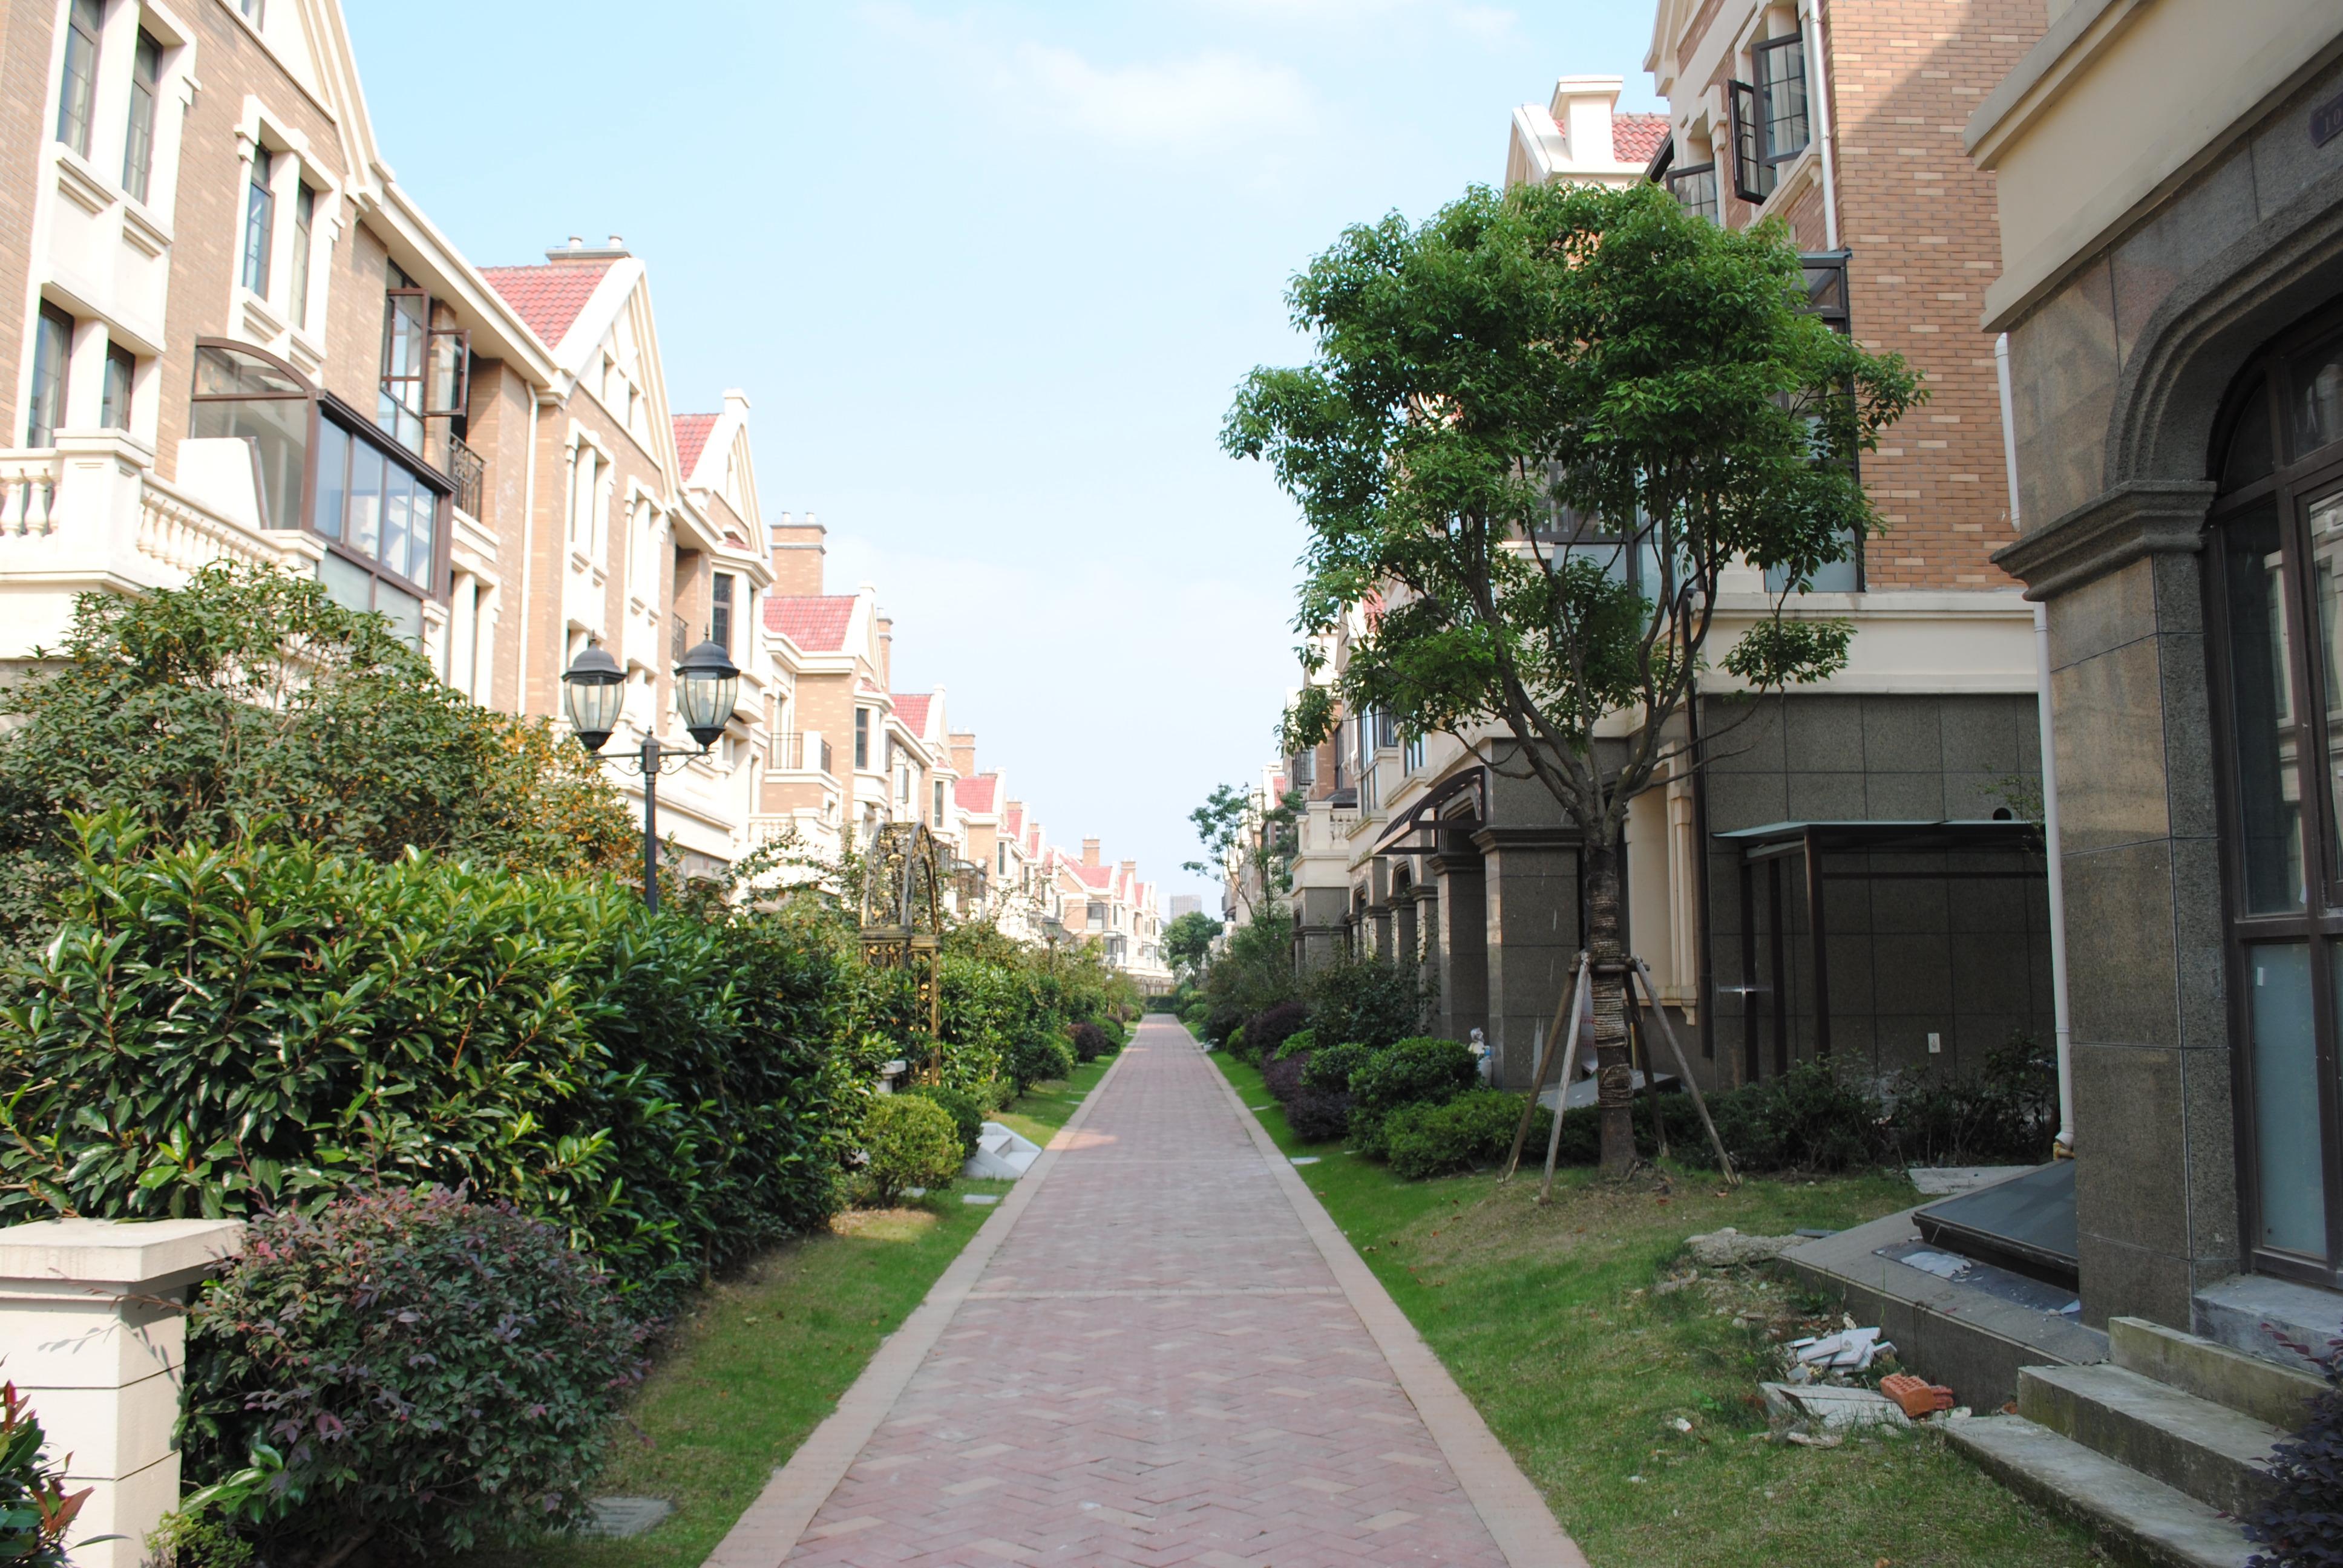 %滨河名墅联排  有多套 不同户型 不同楼层  性价比极高